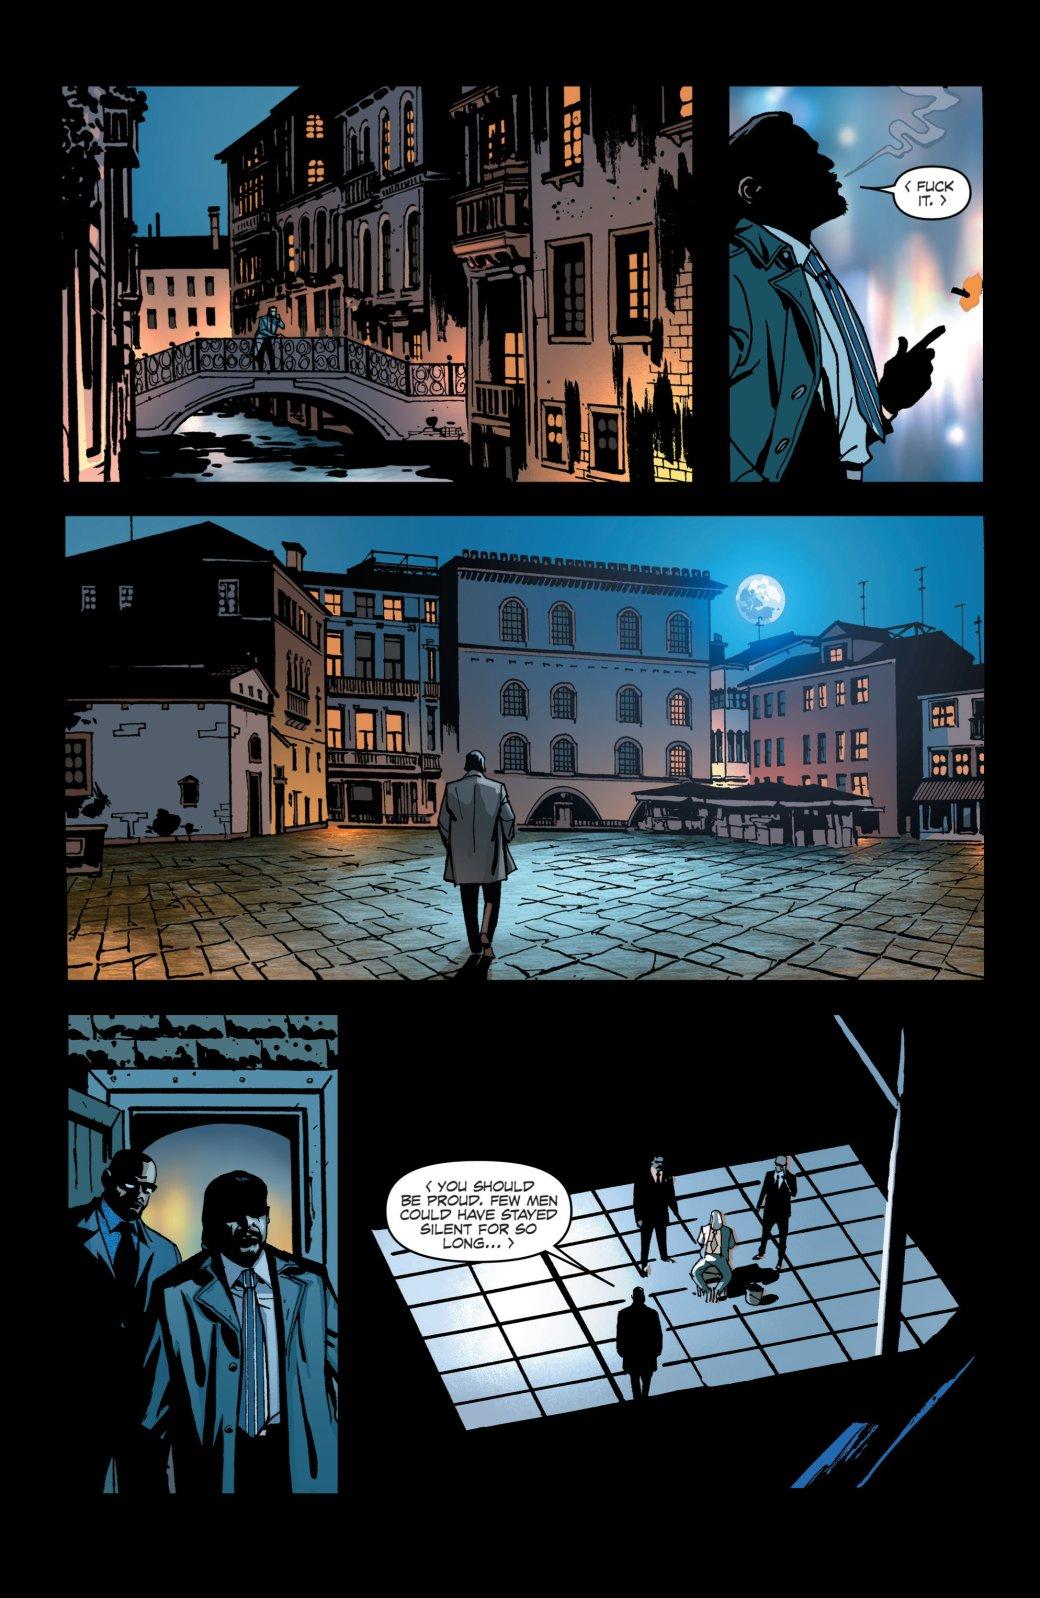 Уже скучаете по«Ходячим мертвецам»? Попробуйте комикс Киркмана Thief ofThieves огениальном воре | Канобу - Изображение 0